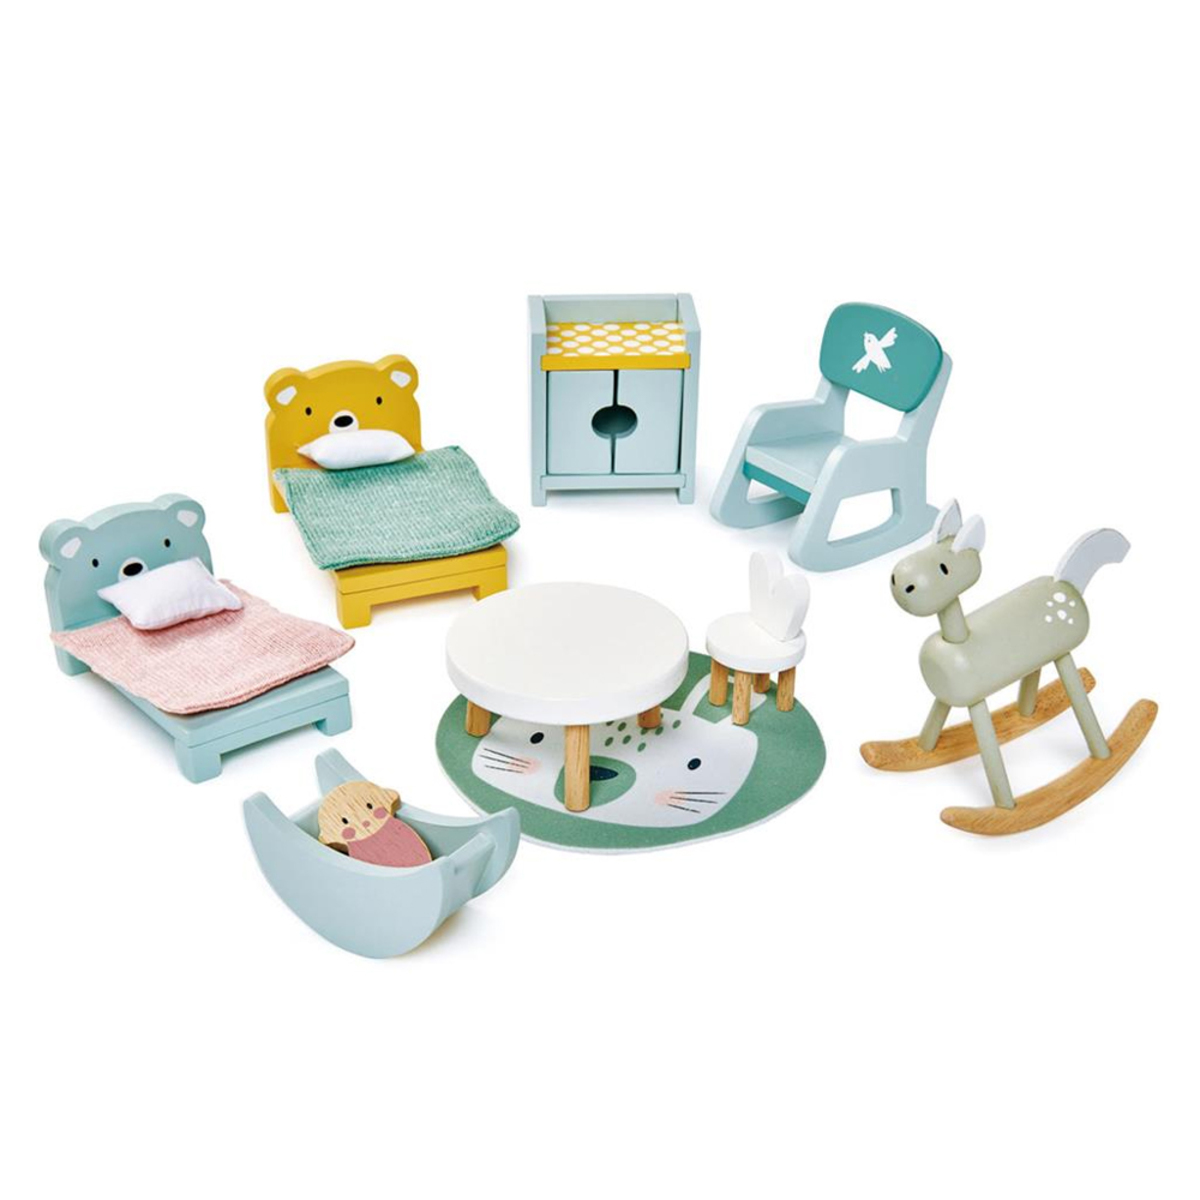 Mes premiers jouets Meubles de Chambre d'Enfants Poupées Tender Leaf Toys - AR202001280099